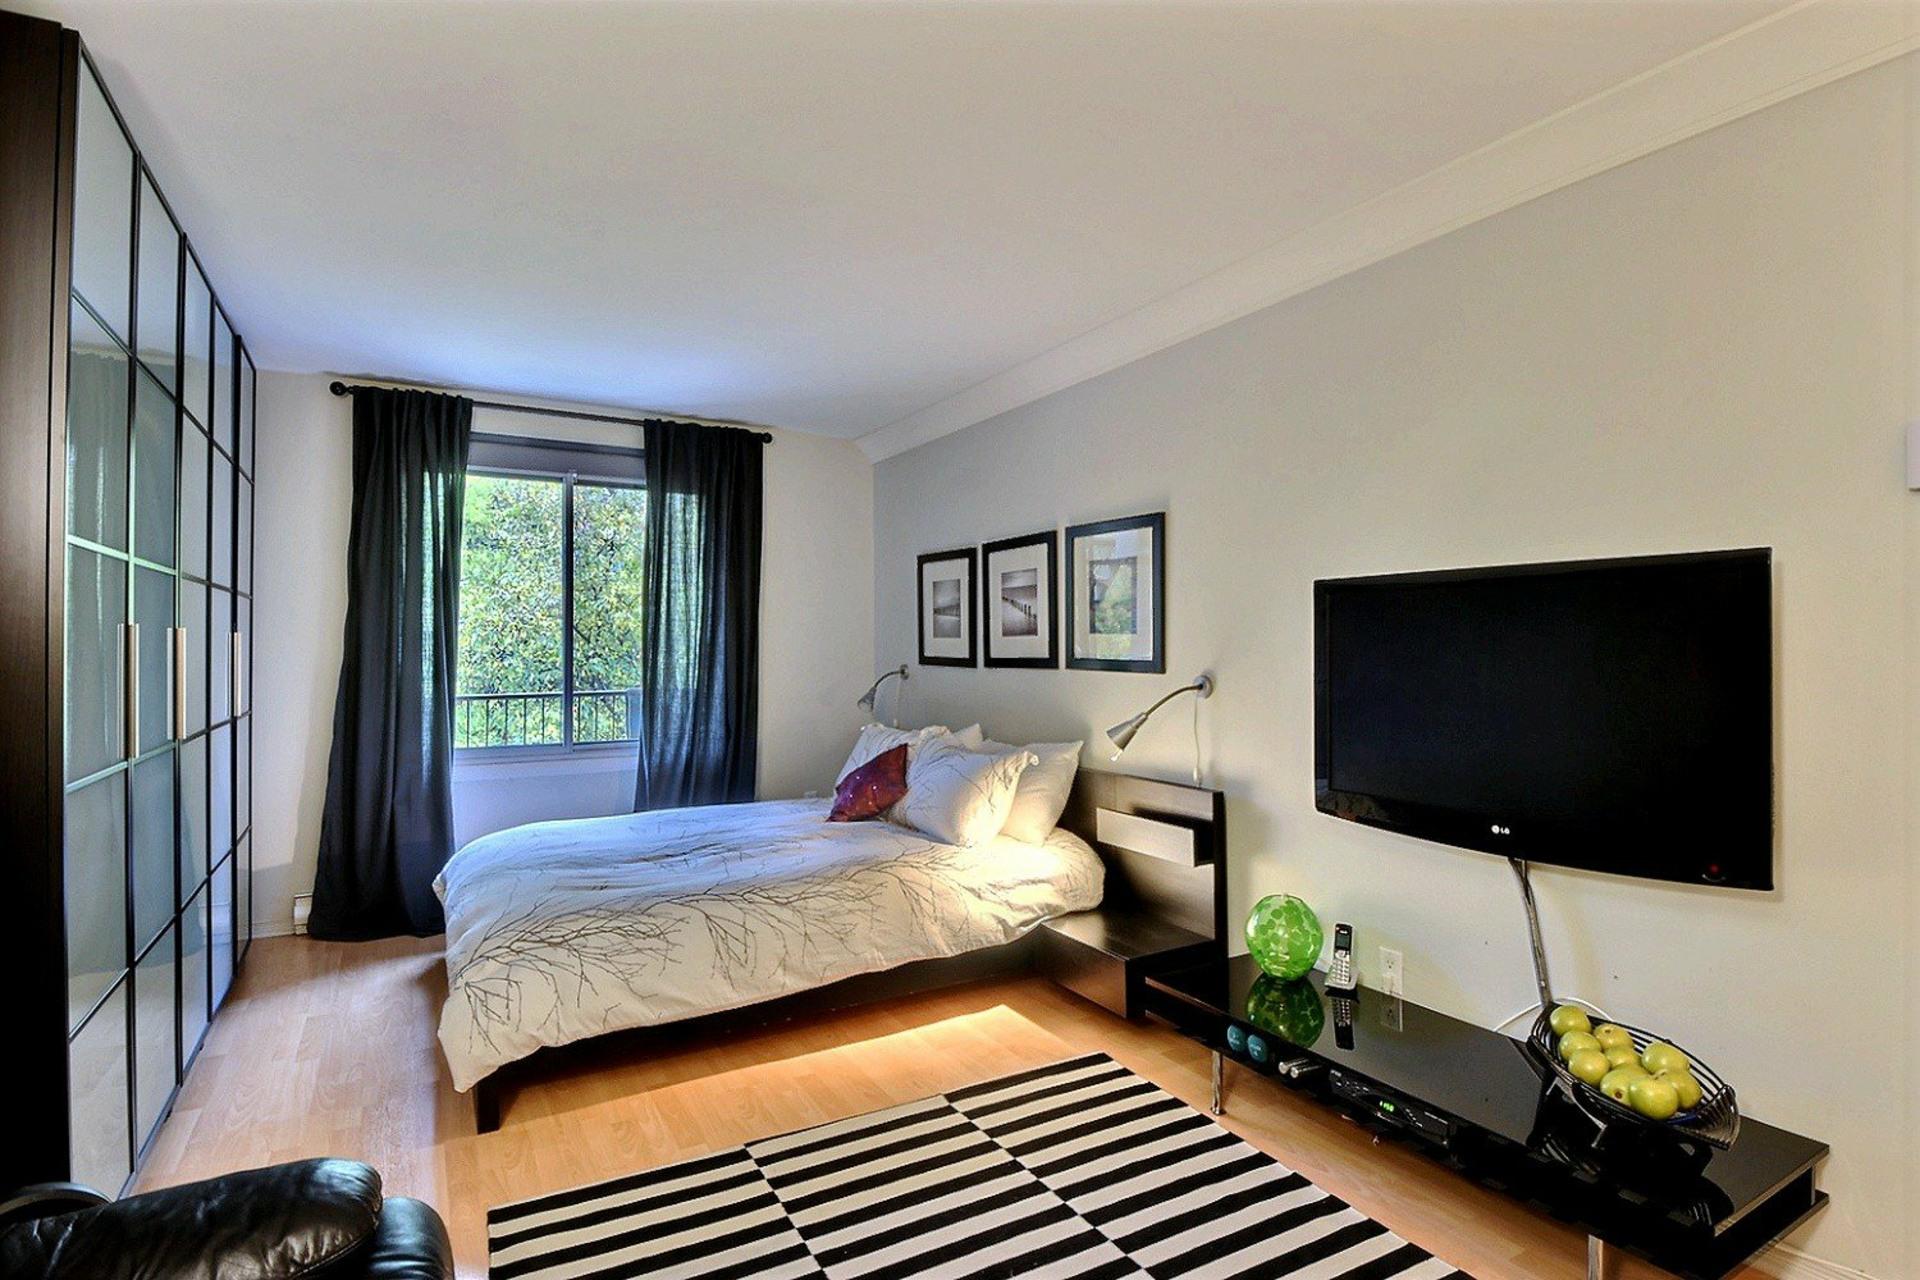 image 10 - Apartment For rent Montréal Le Sud-Ouest  - 5 rooms